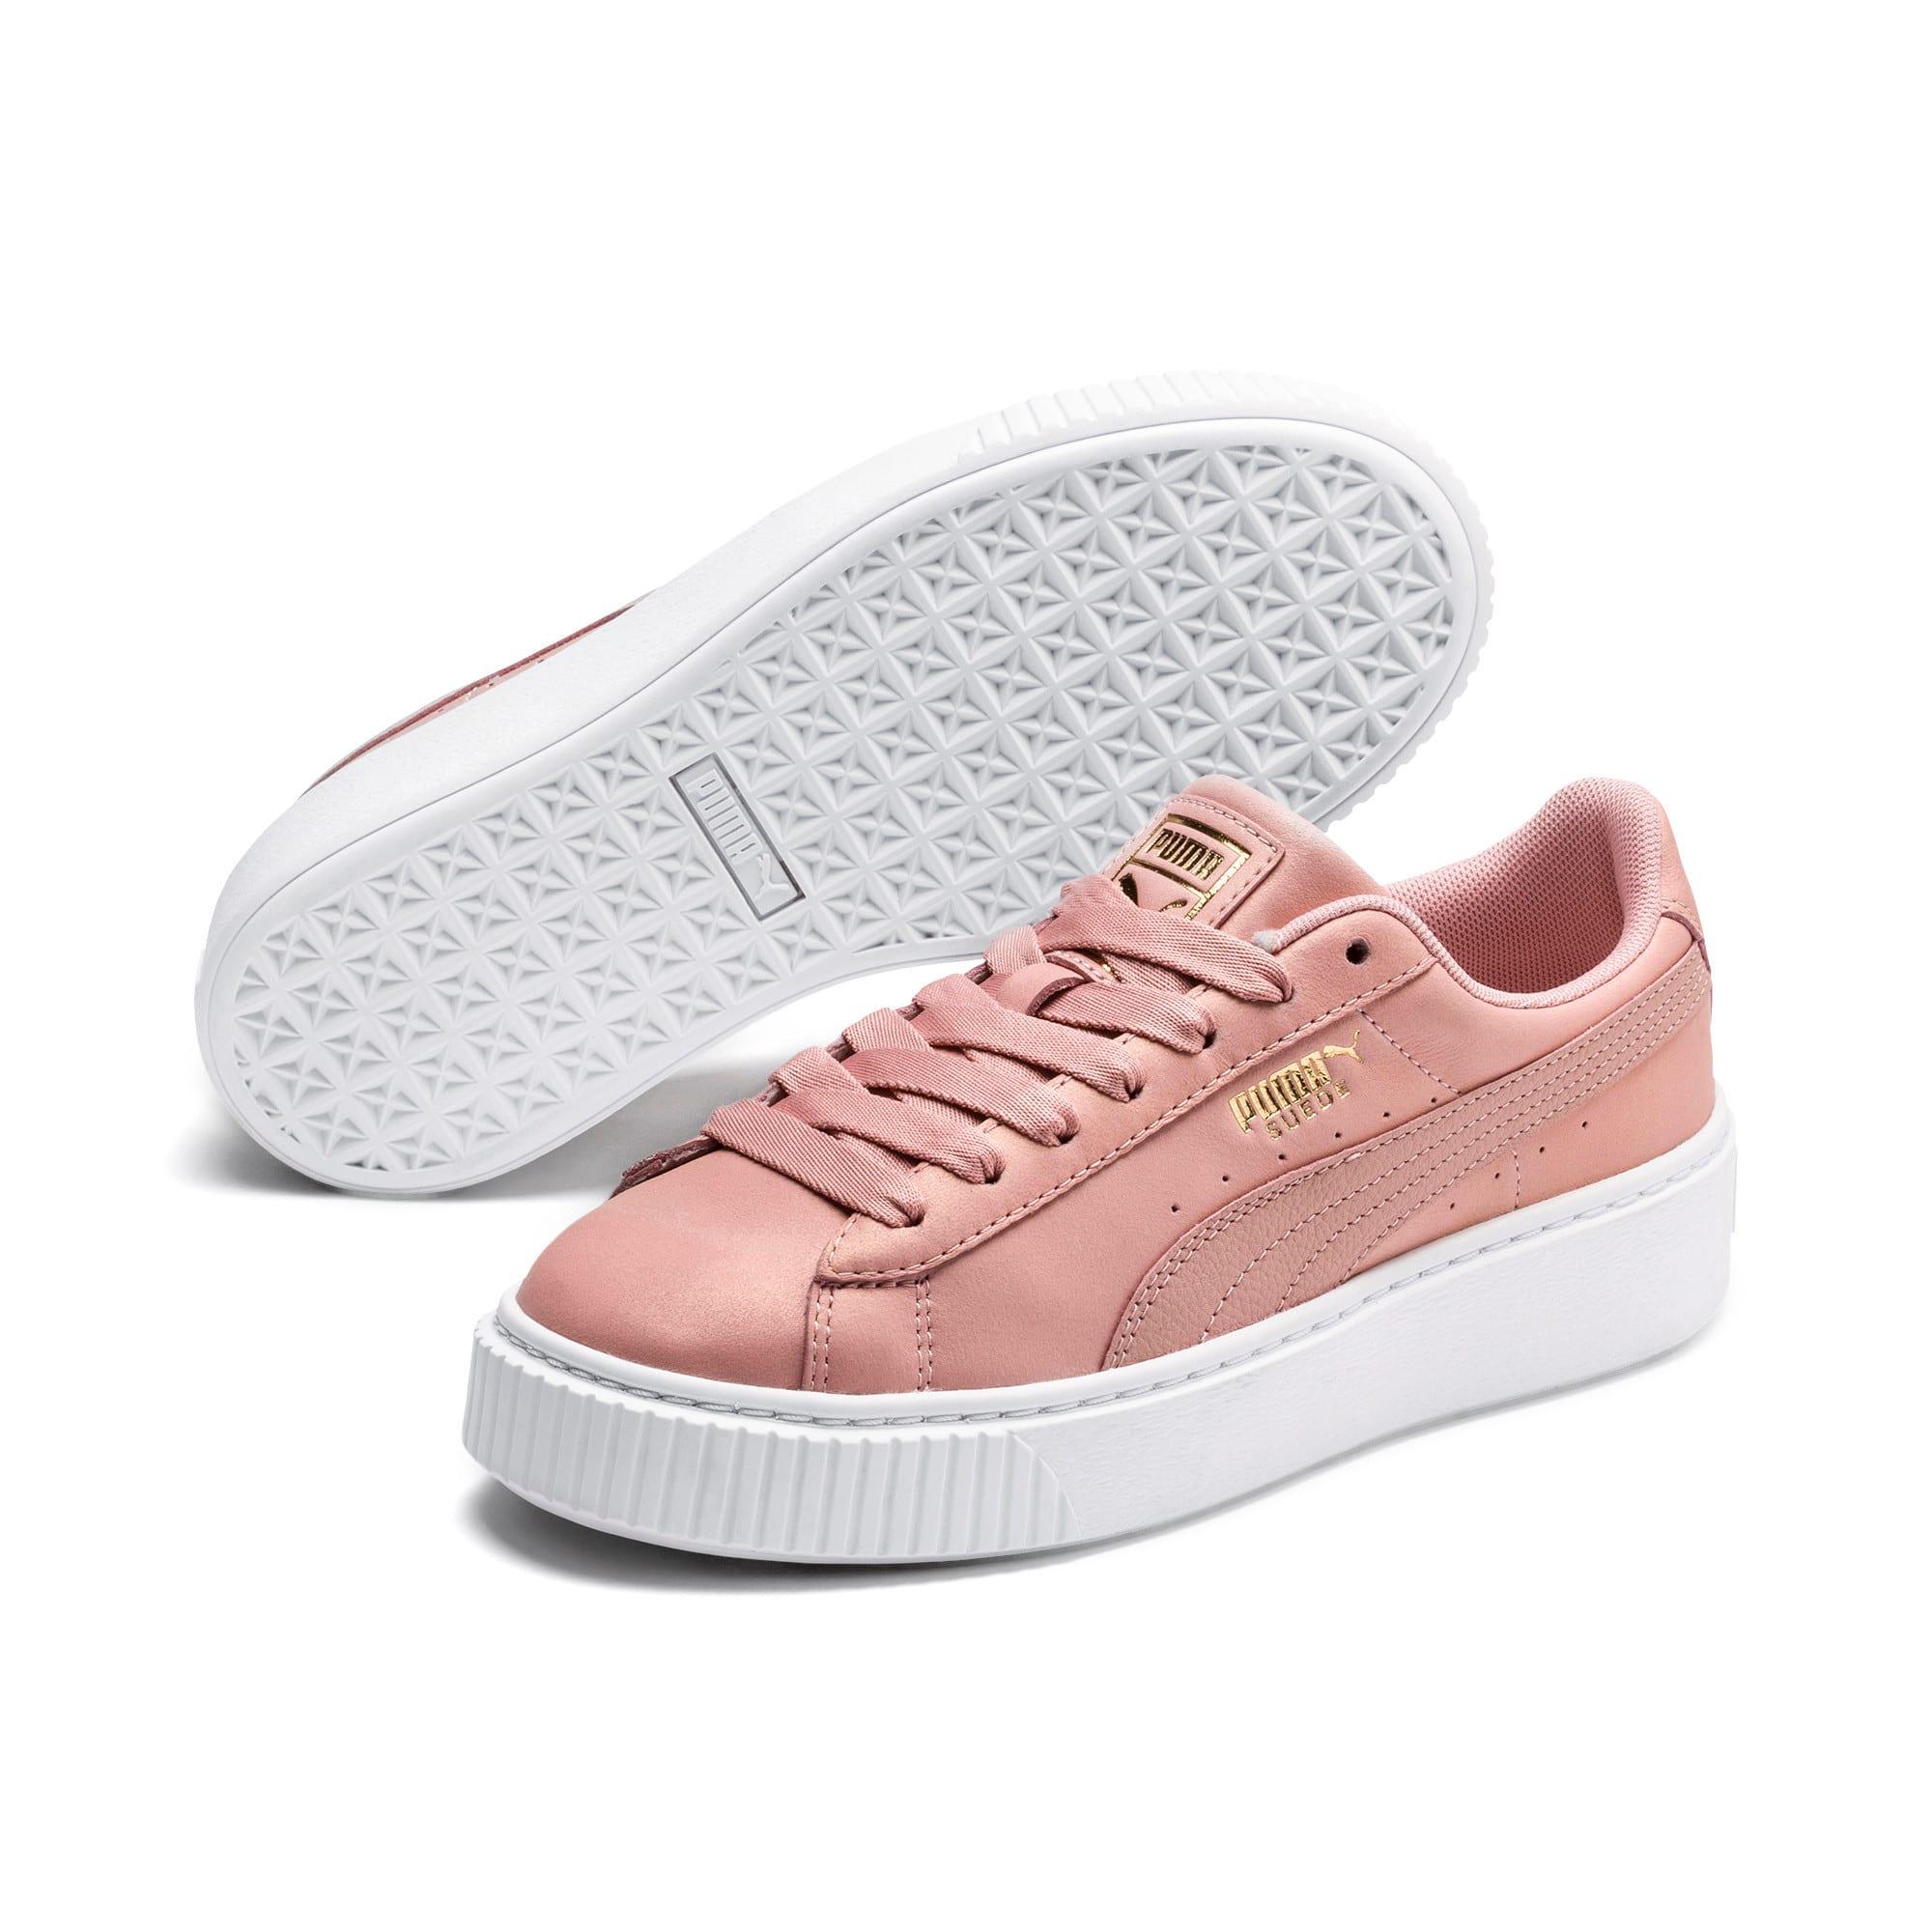 Thumbnail 3 of Suede Platform Shimmer Women's Sneakers, Bridal Rose-Puma White, medium